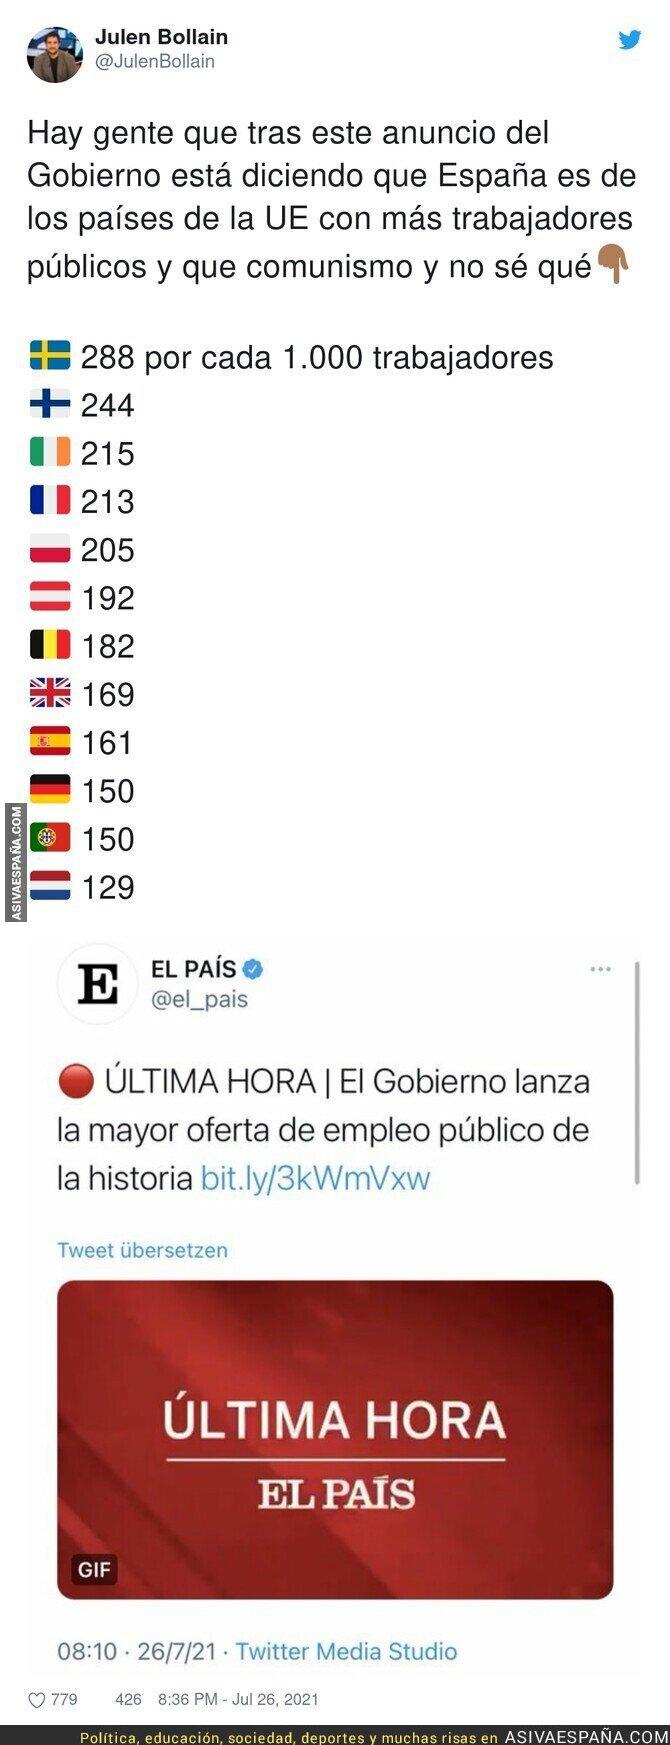 850749 - La mentira de que España tiene muchos trabajadores públicos